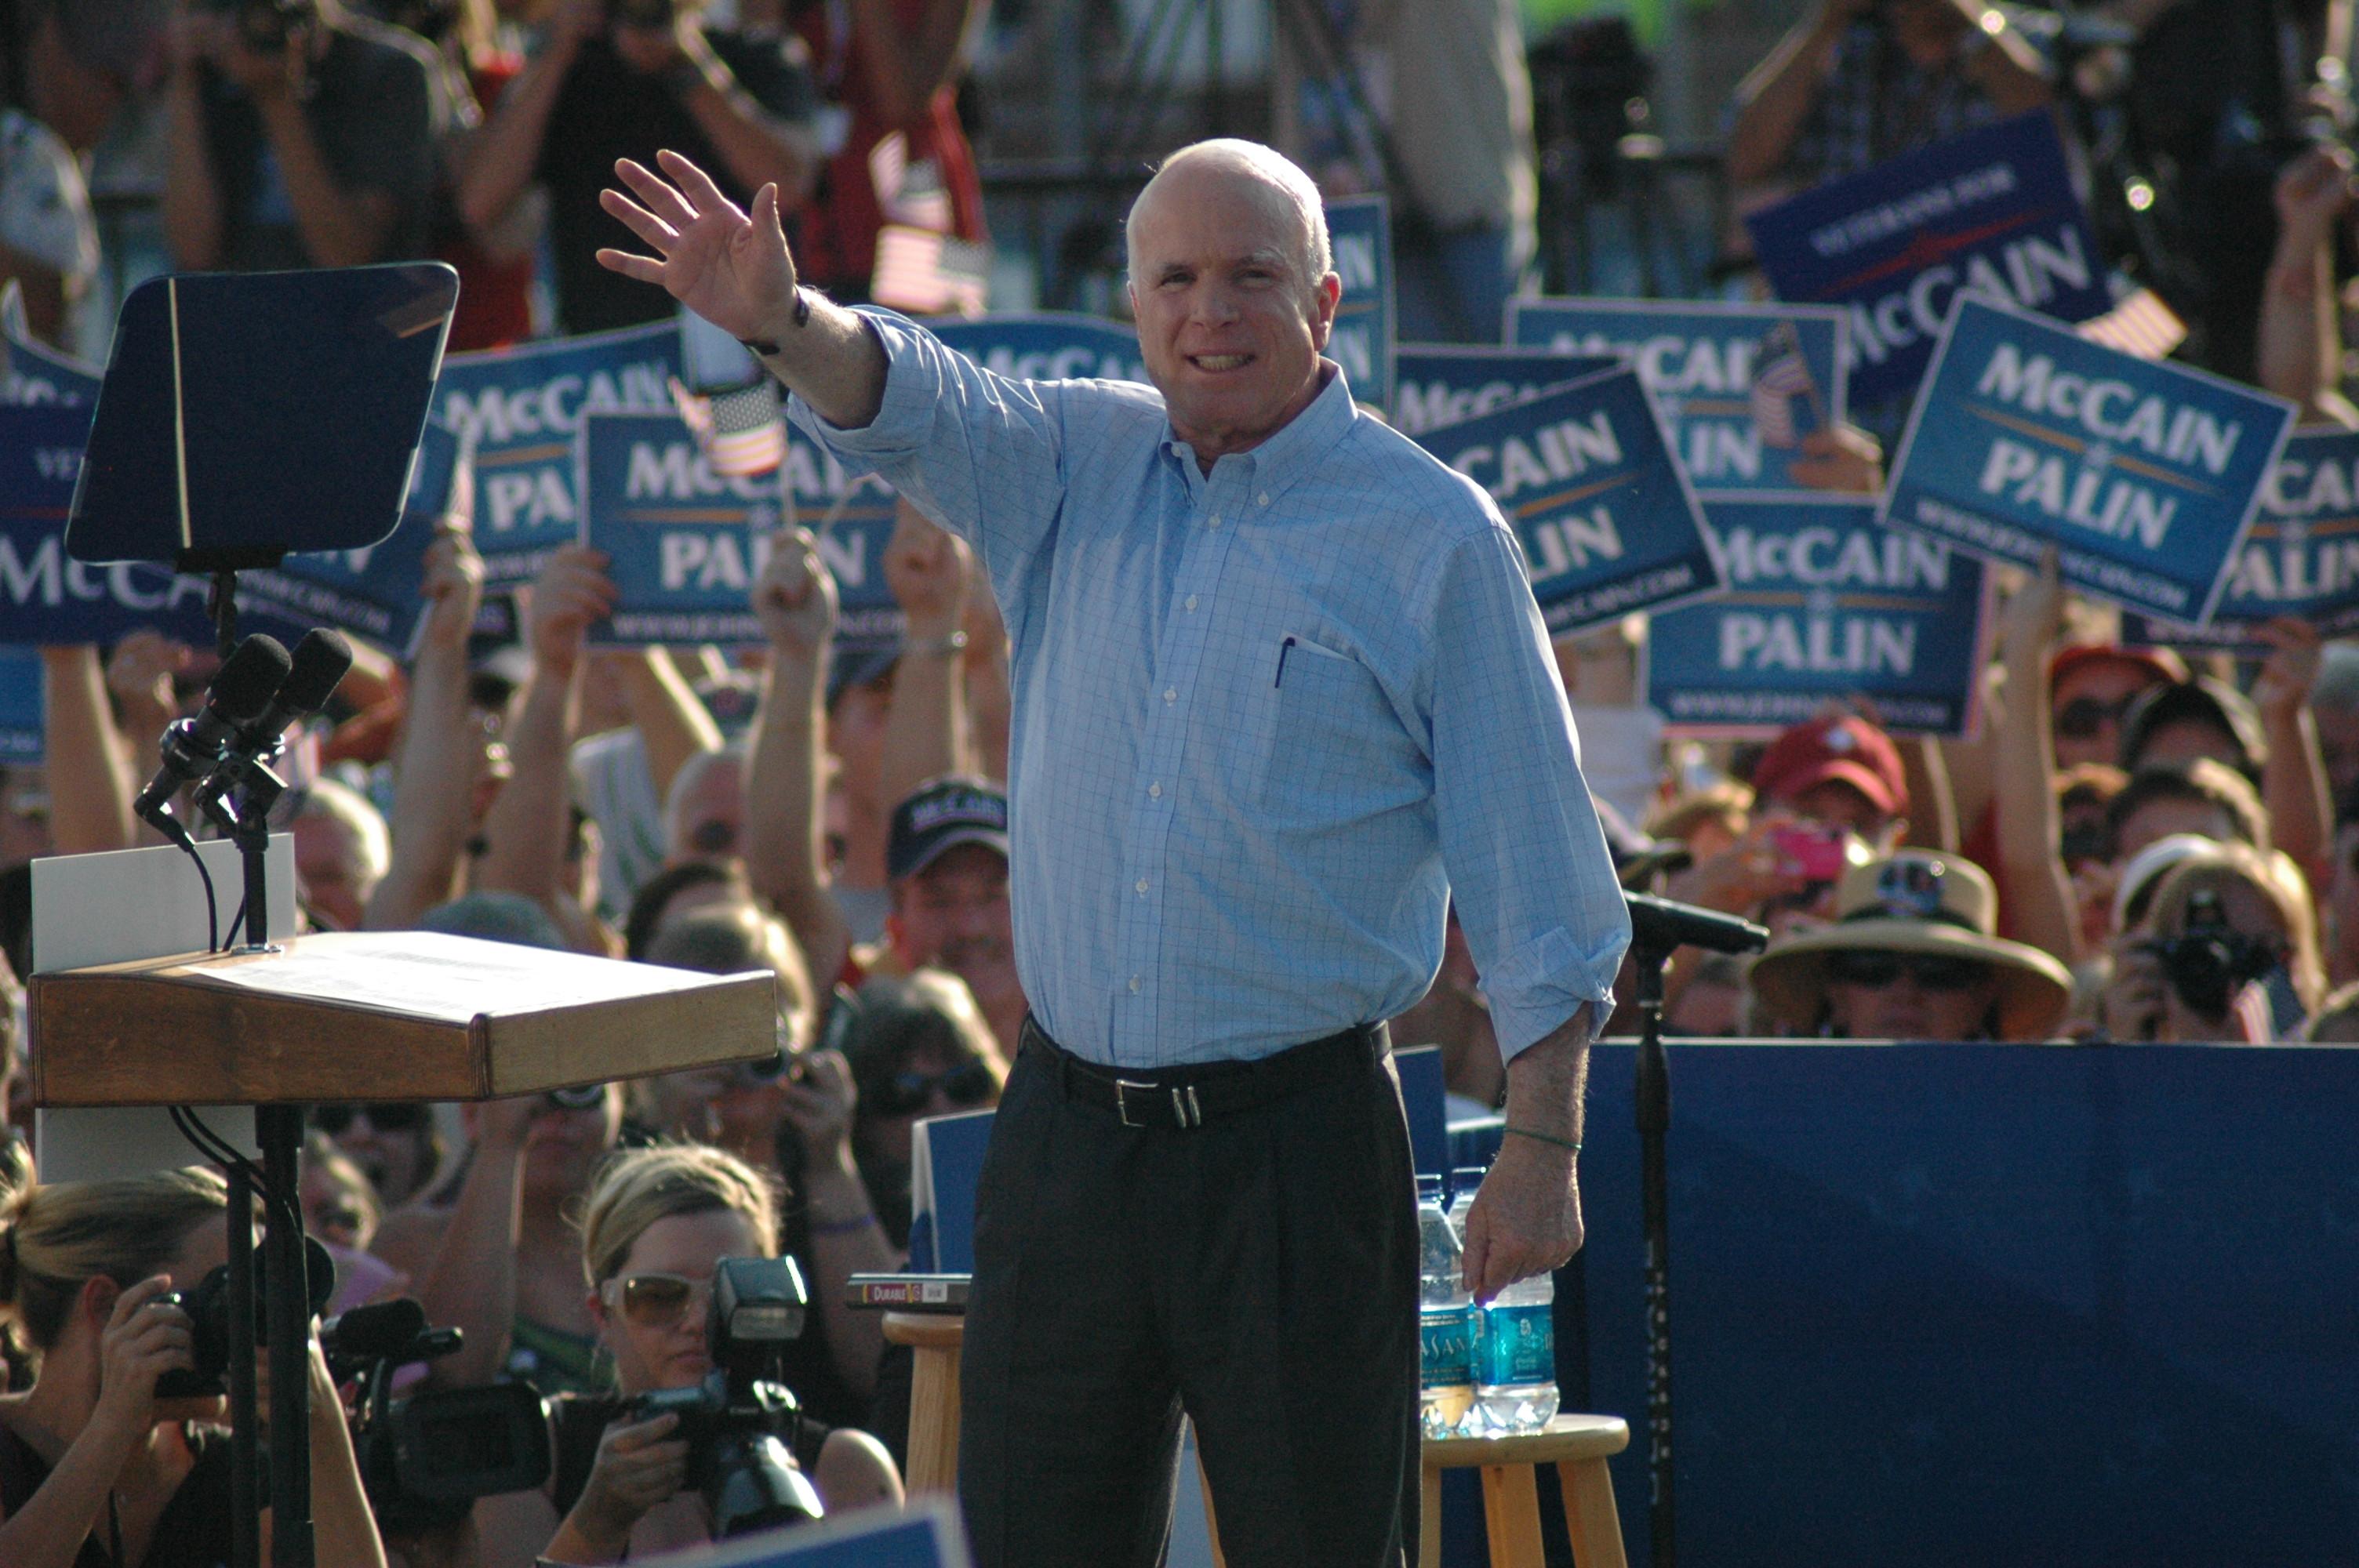 John McCain waving